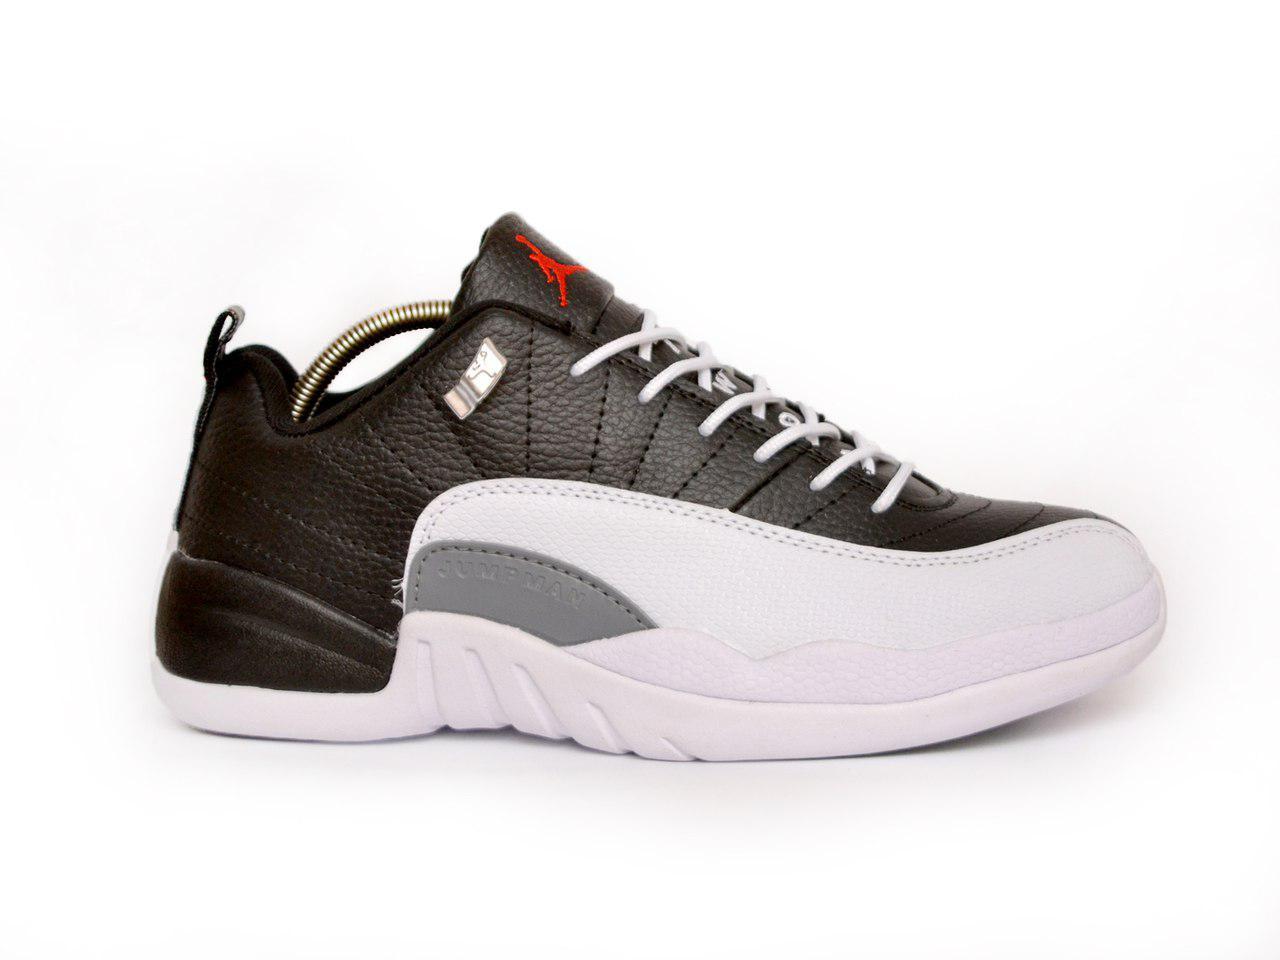 f29a22db614e Мужские баскетбольные кроссовки Air Jordan 12 RETRO LOW (в стиле Найк Аир  Джордан) черно